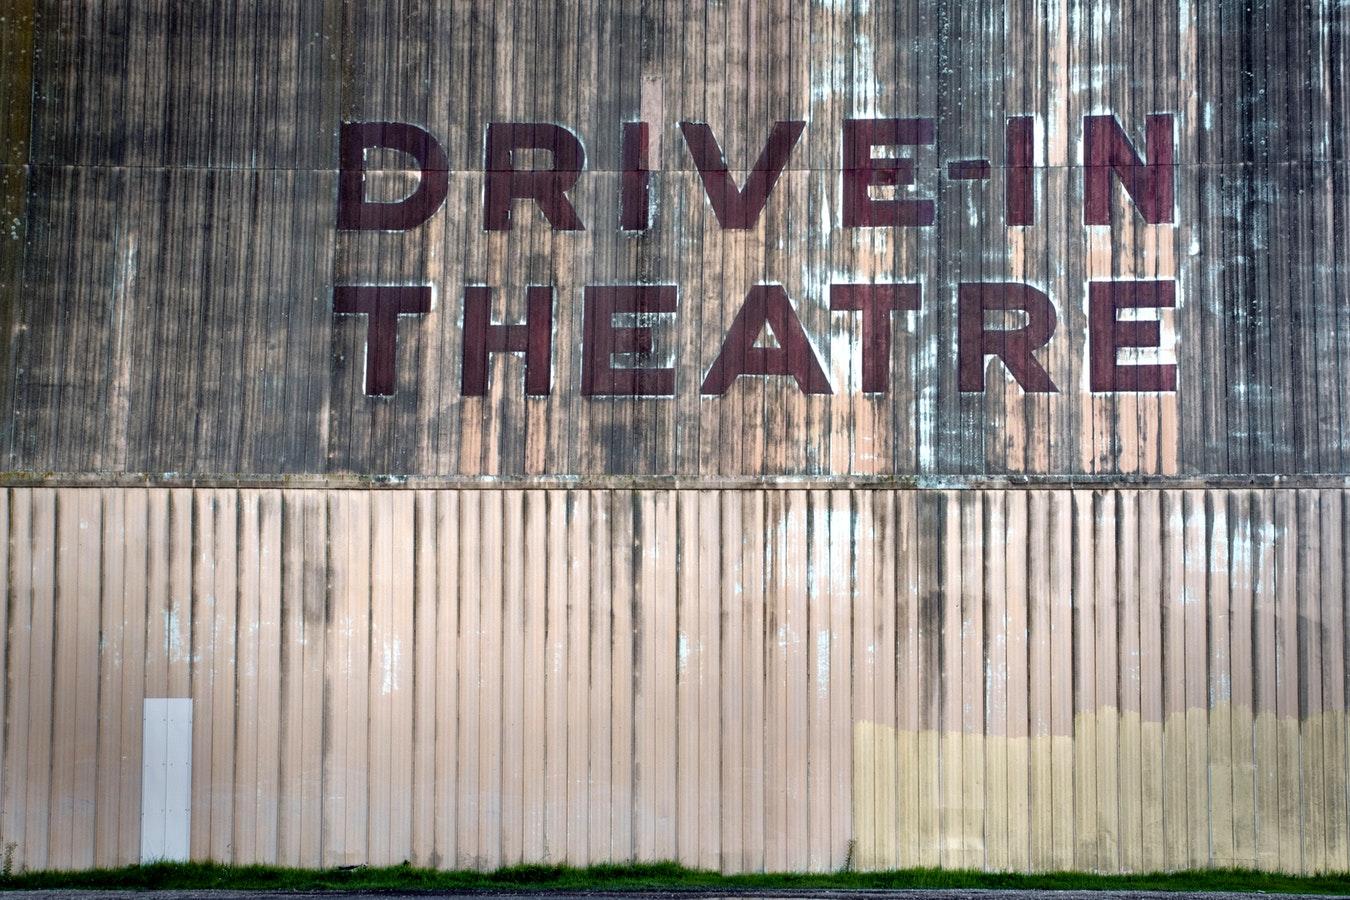 41. Drive-In Theatre -